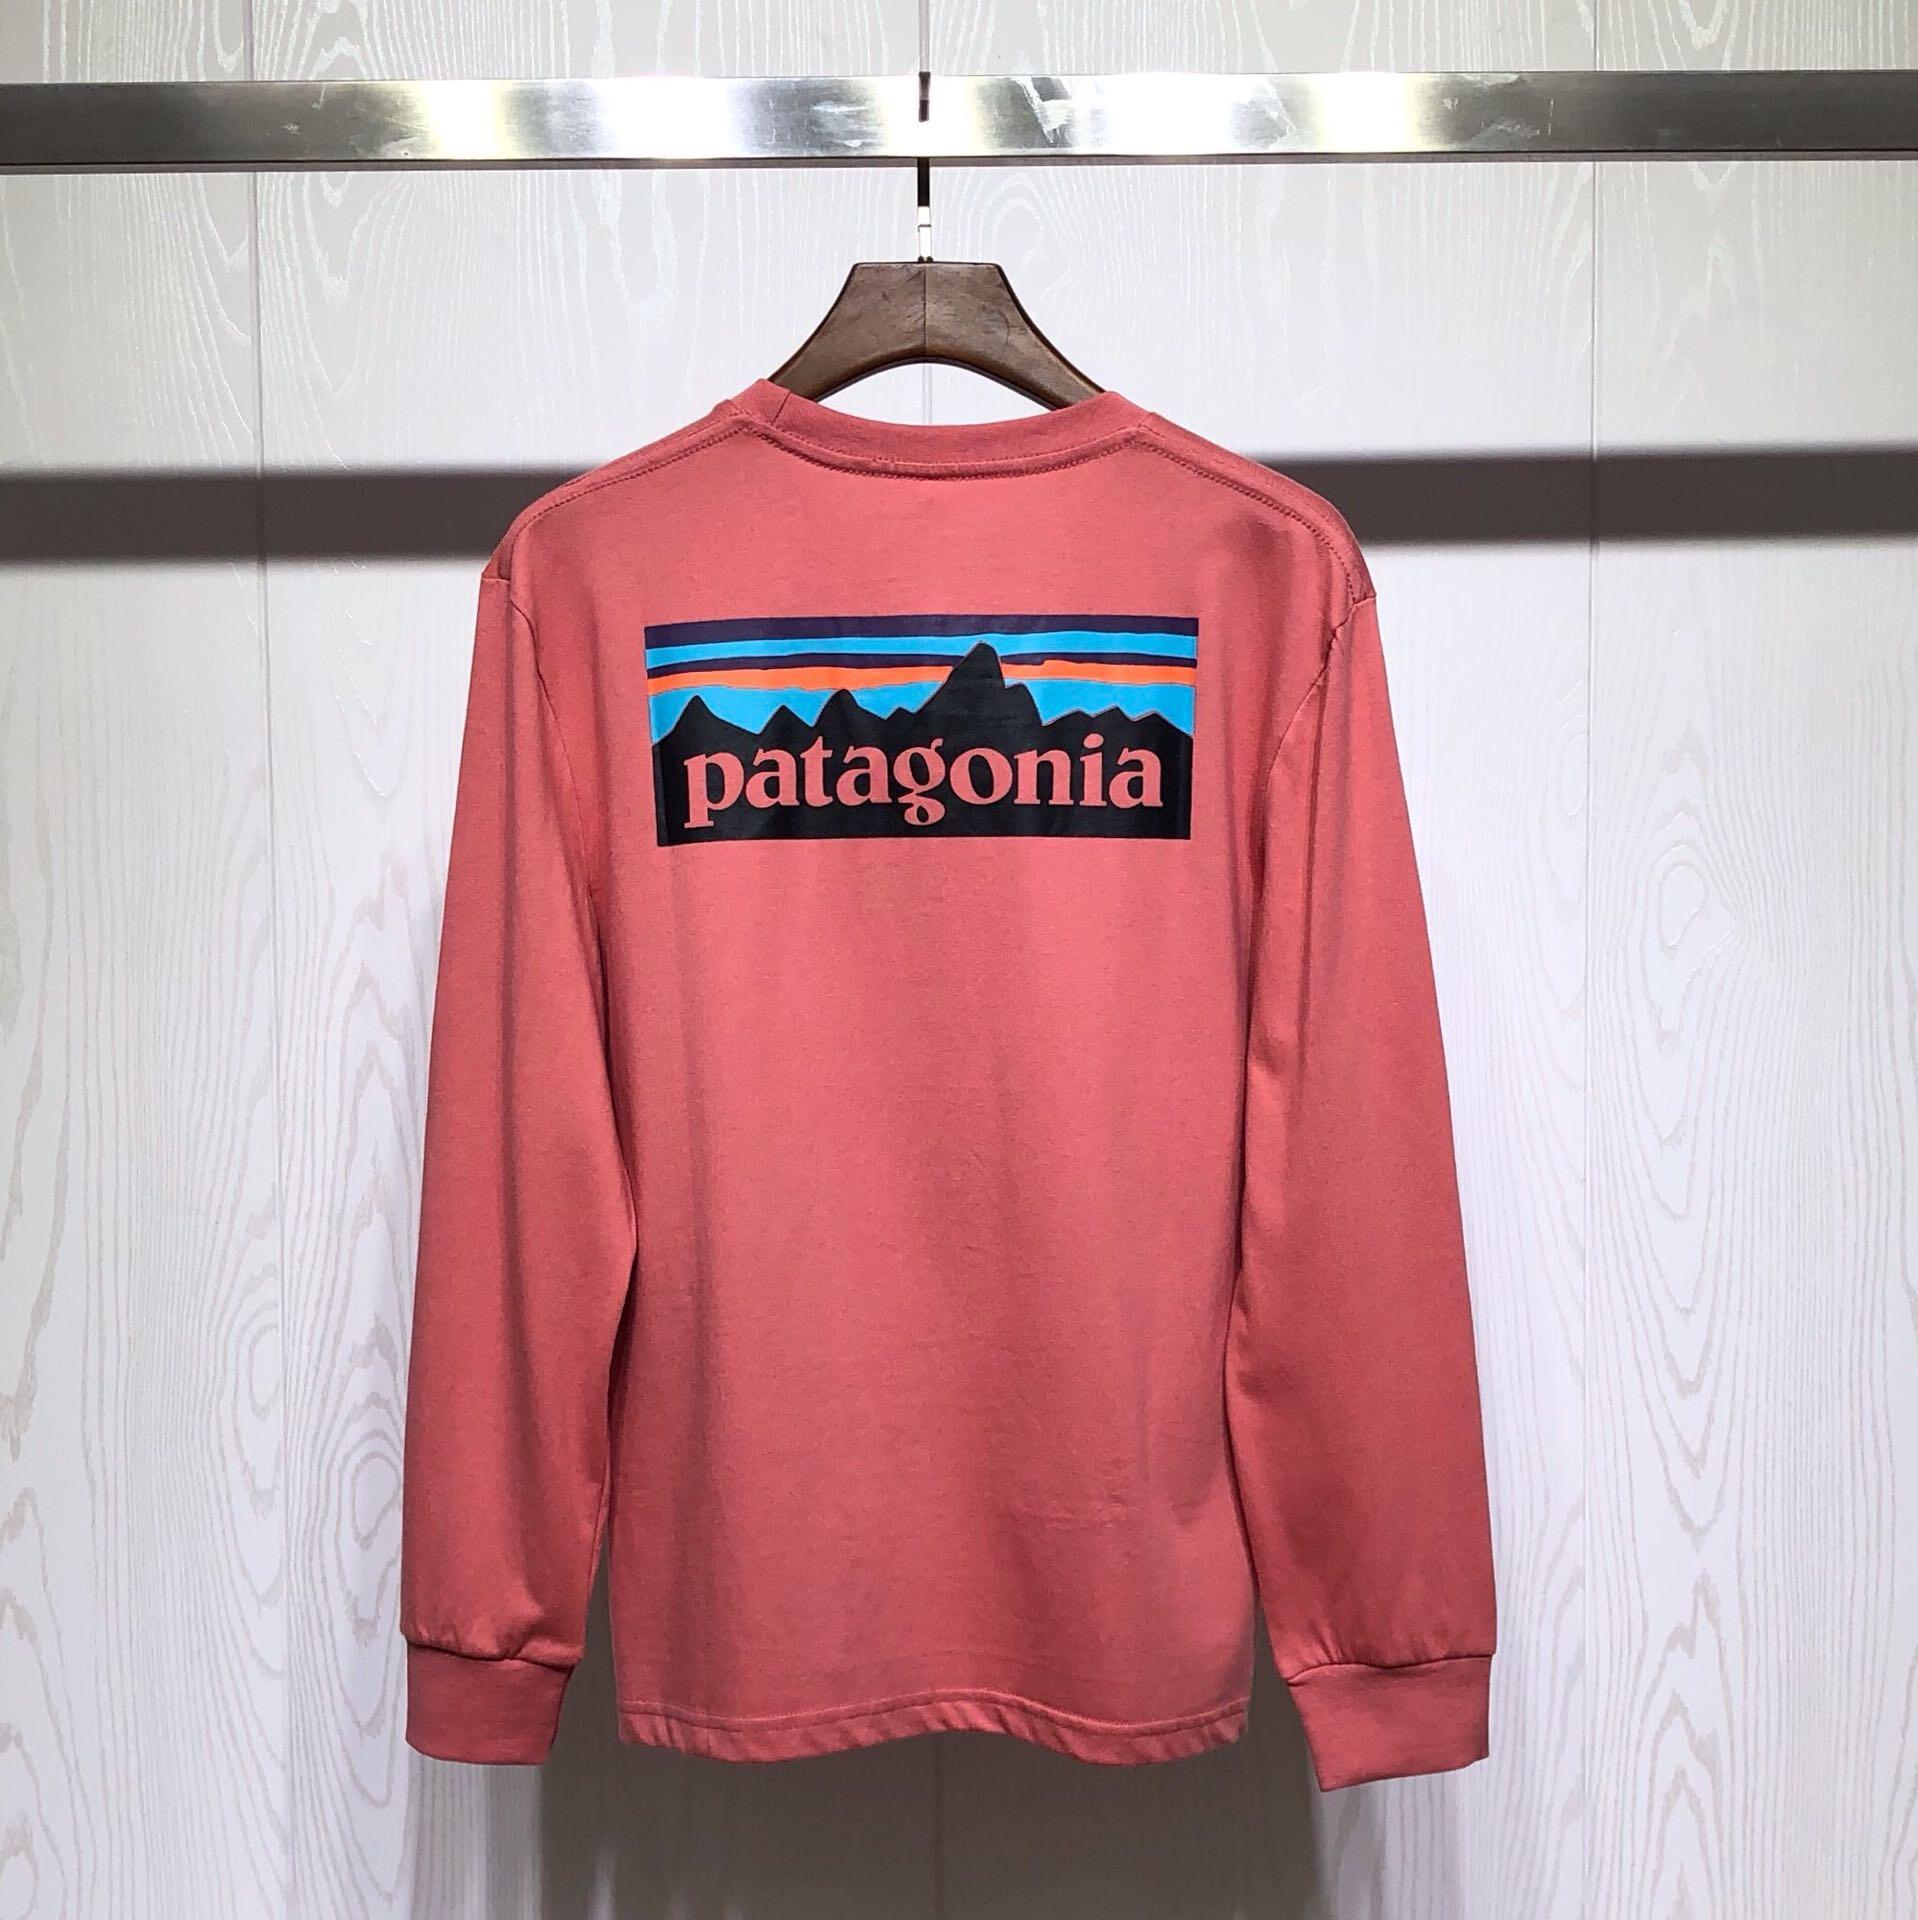 Летние дизайнерские fashion-футболки для мужчин Верхняя одежда класса люкс Письмо печати тенниска Мужская Женская одежда с длинными рукавами футболки Мужчины тройники